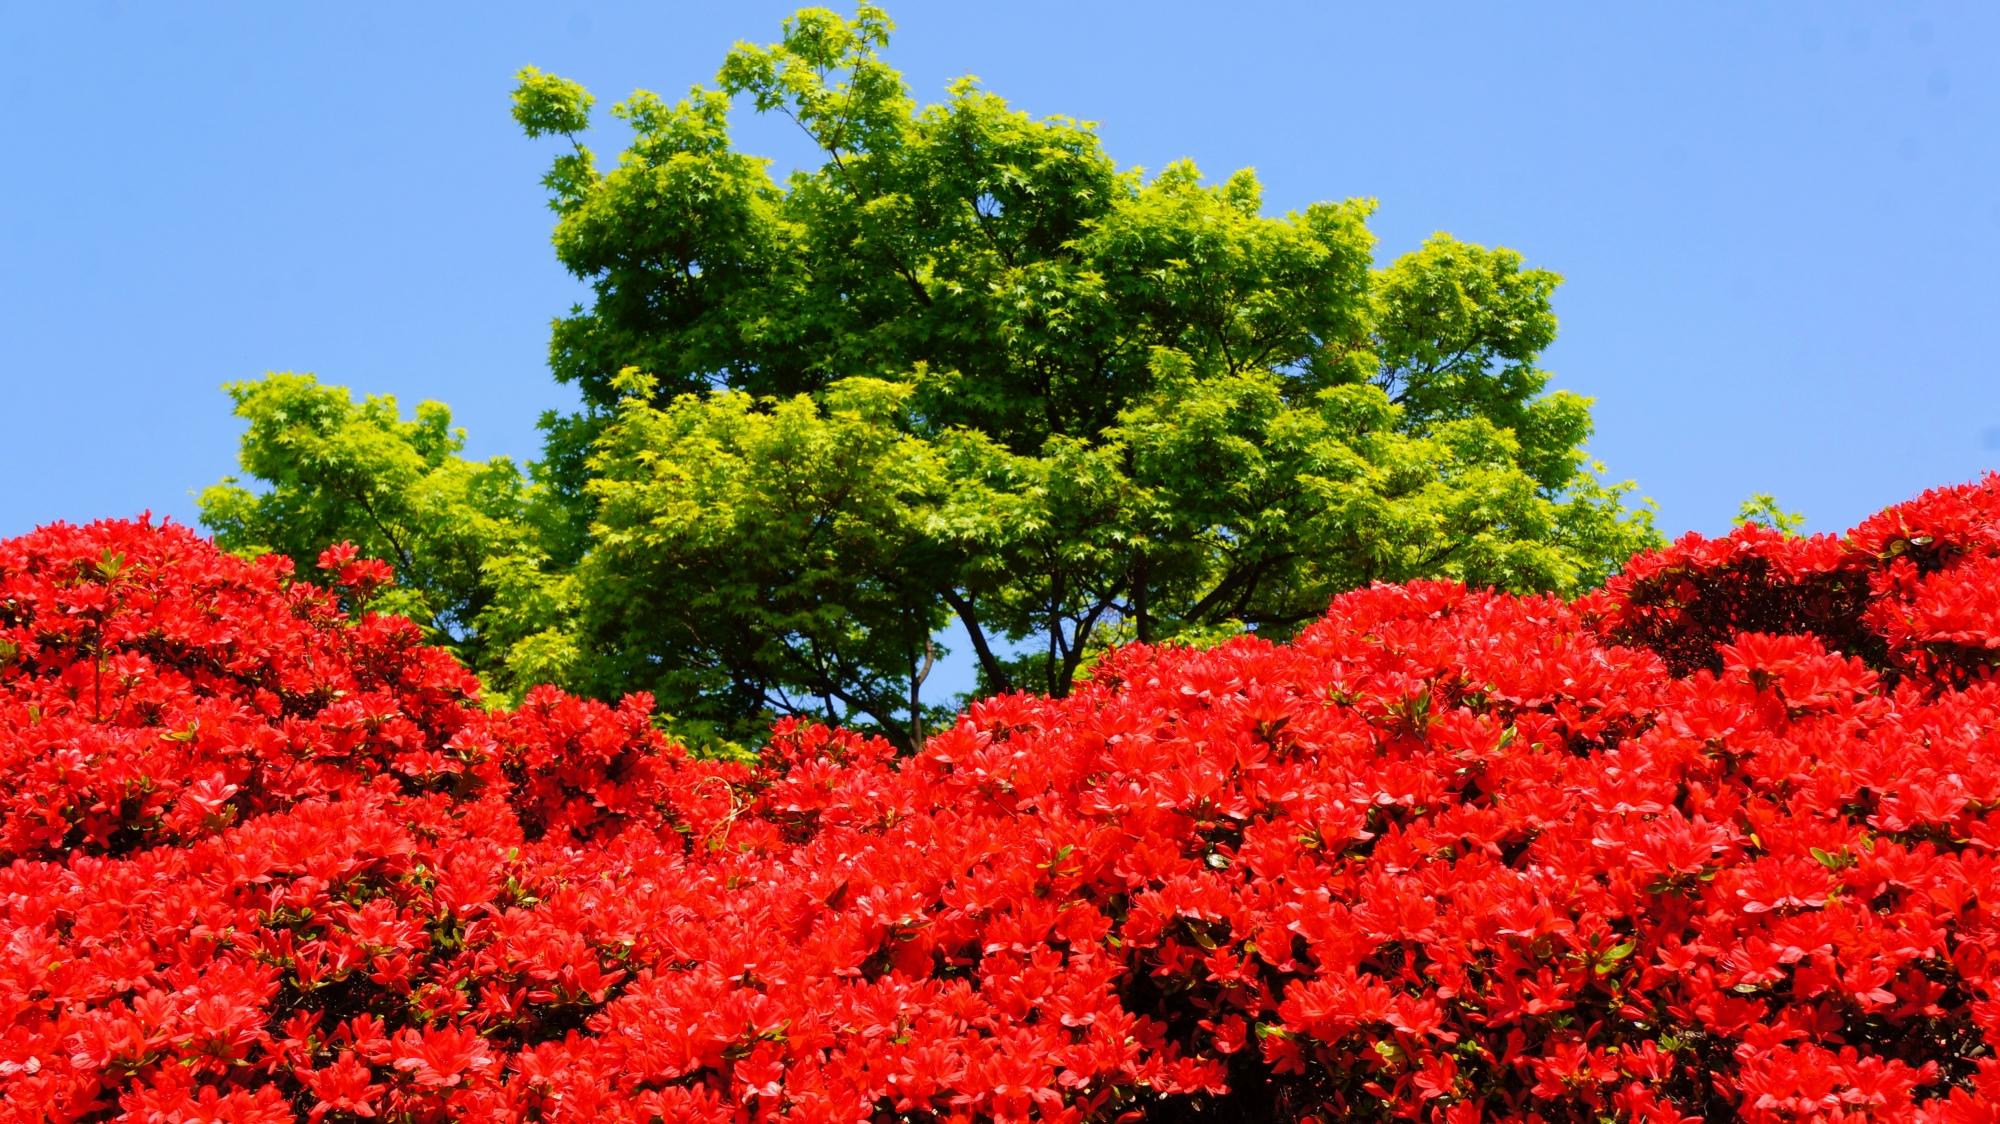 煌く赤と眩い緑の見事なコントラスト